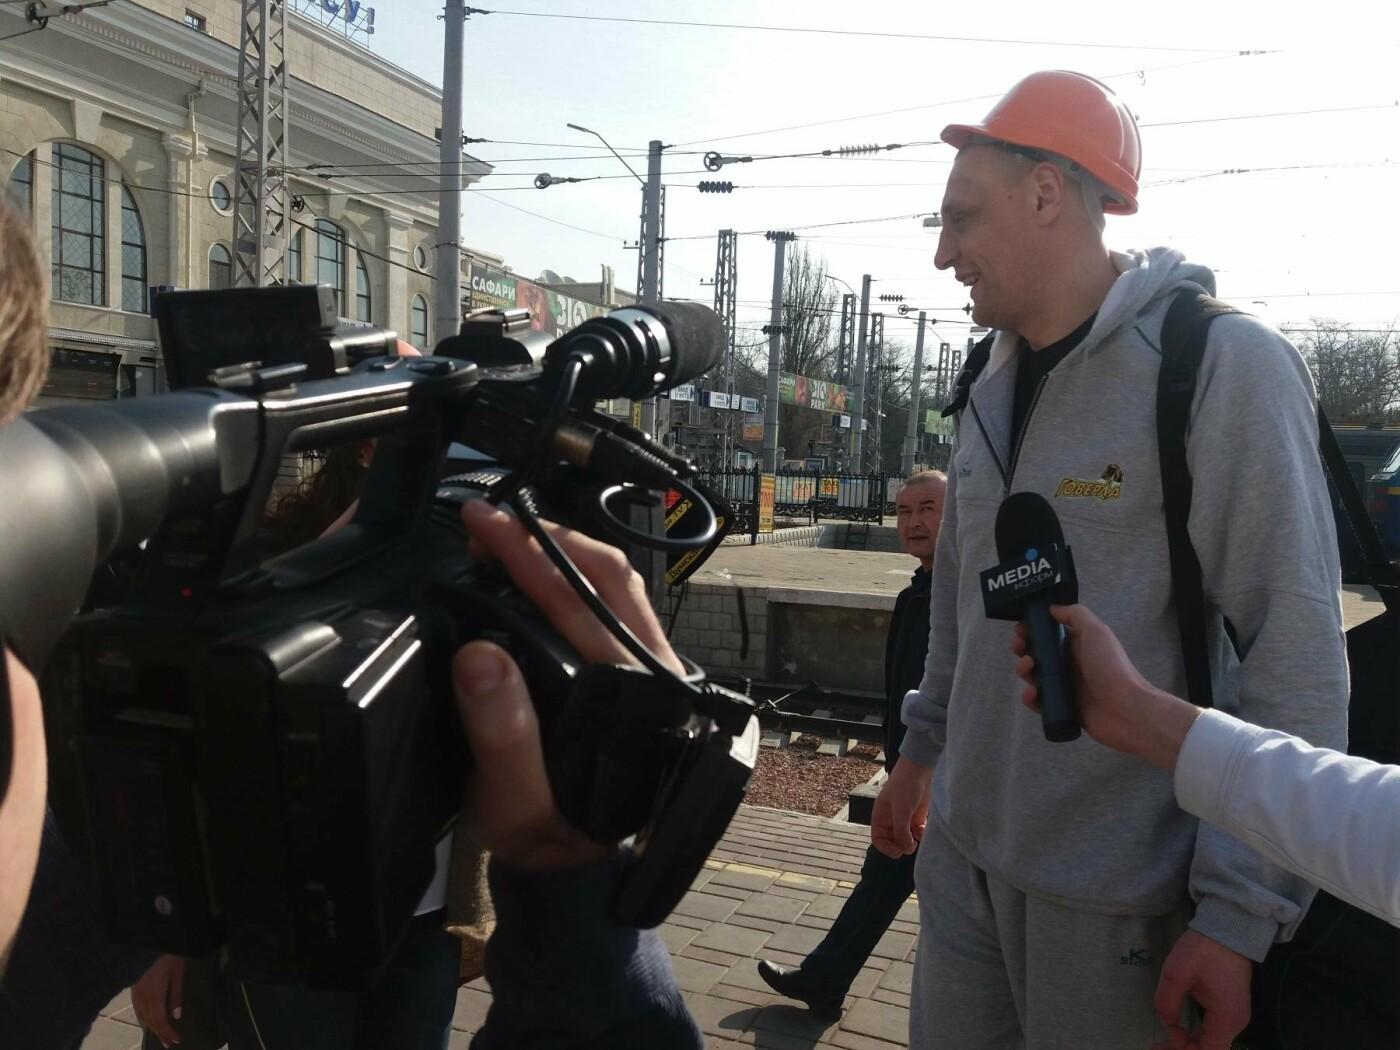 «Осторожно: мэр-хозяйственник» - в Одессе на вокзале туристам выдавали каски (ФОТО, ВИДЕО), фото-1